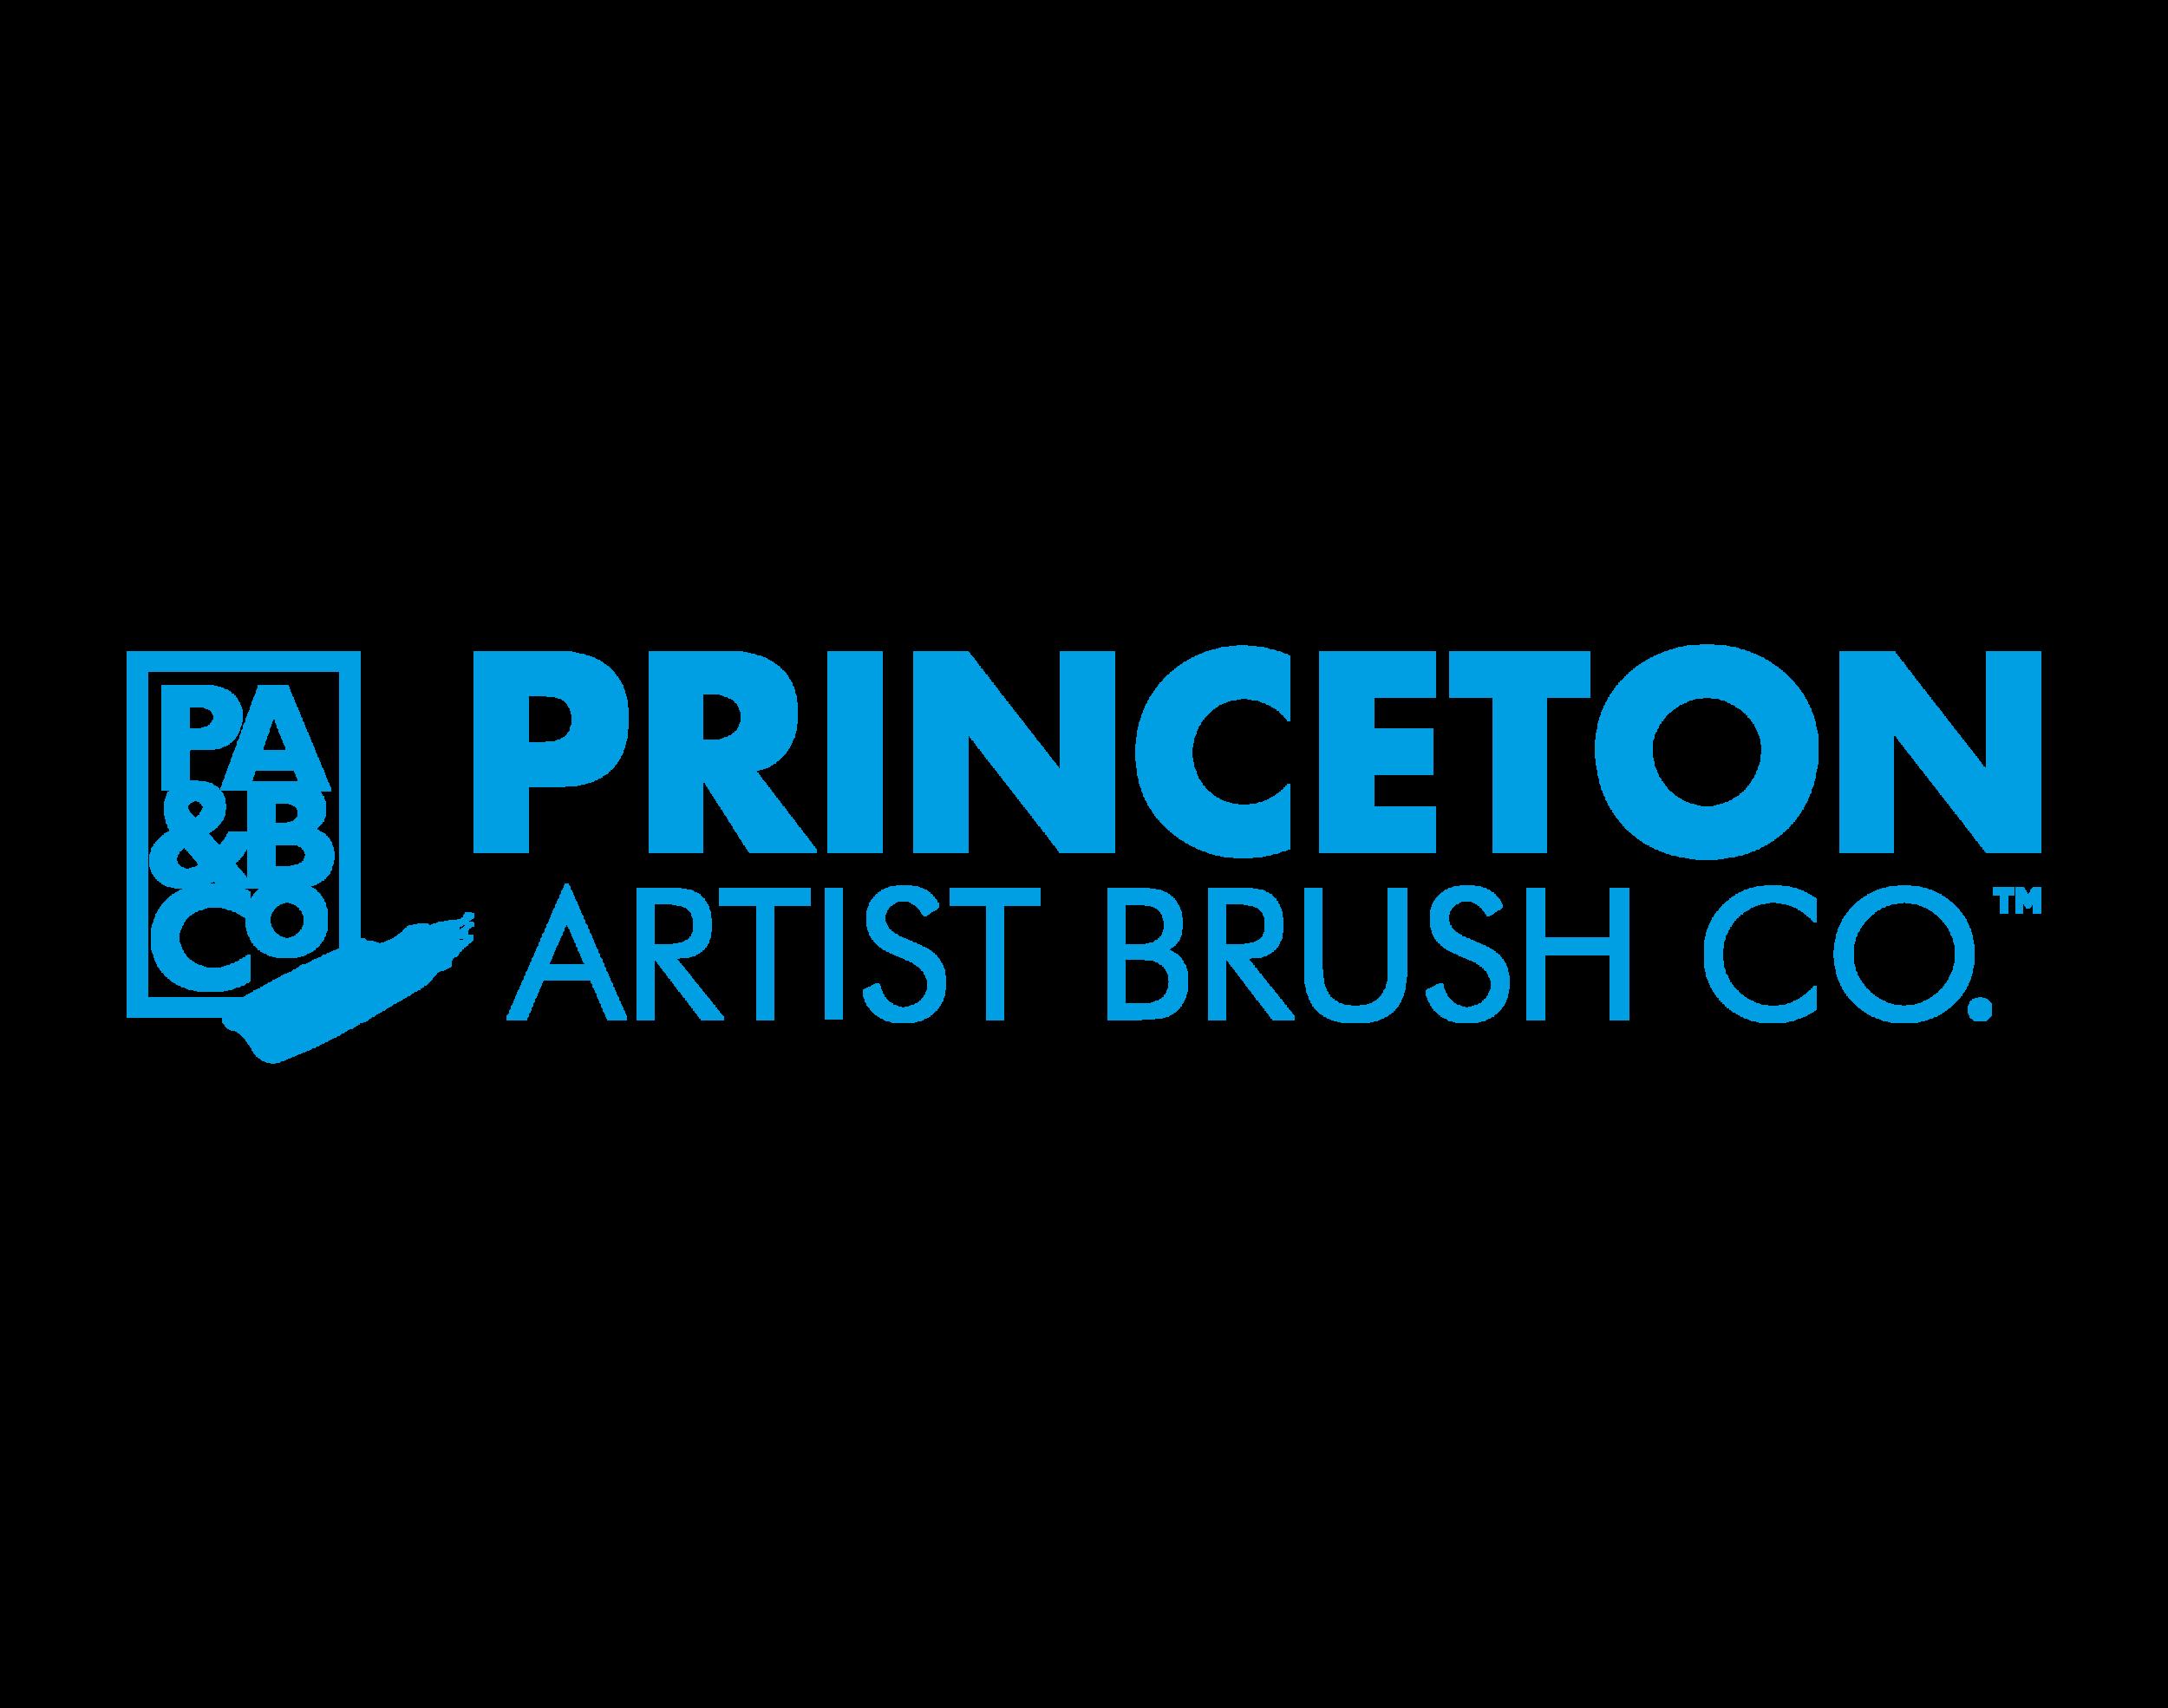 princeton carta.png